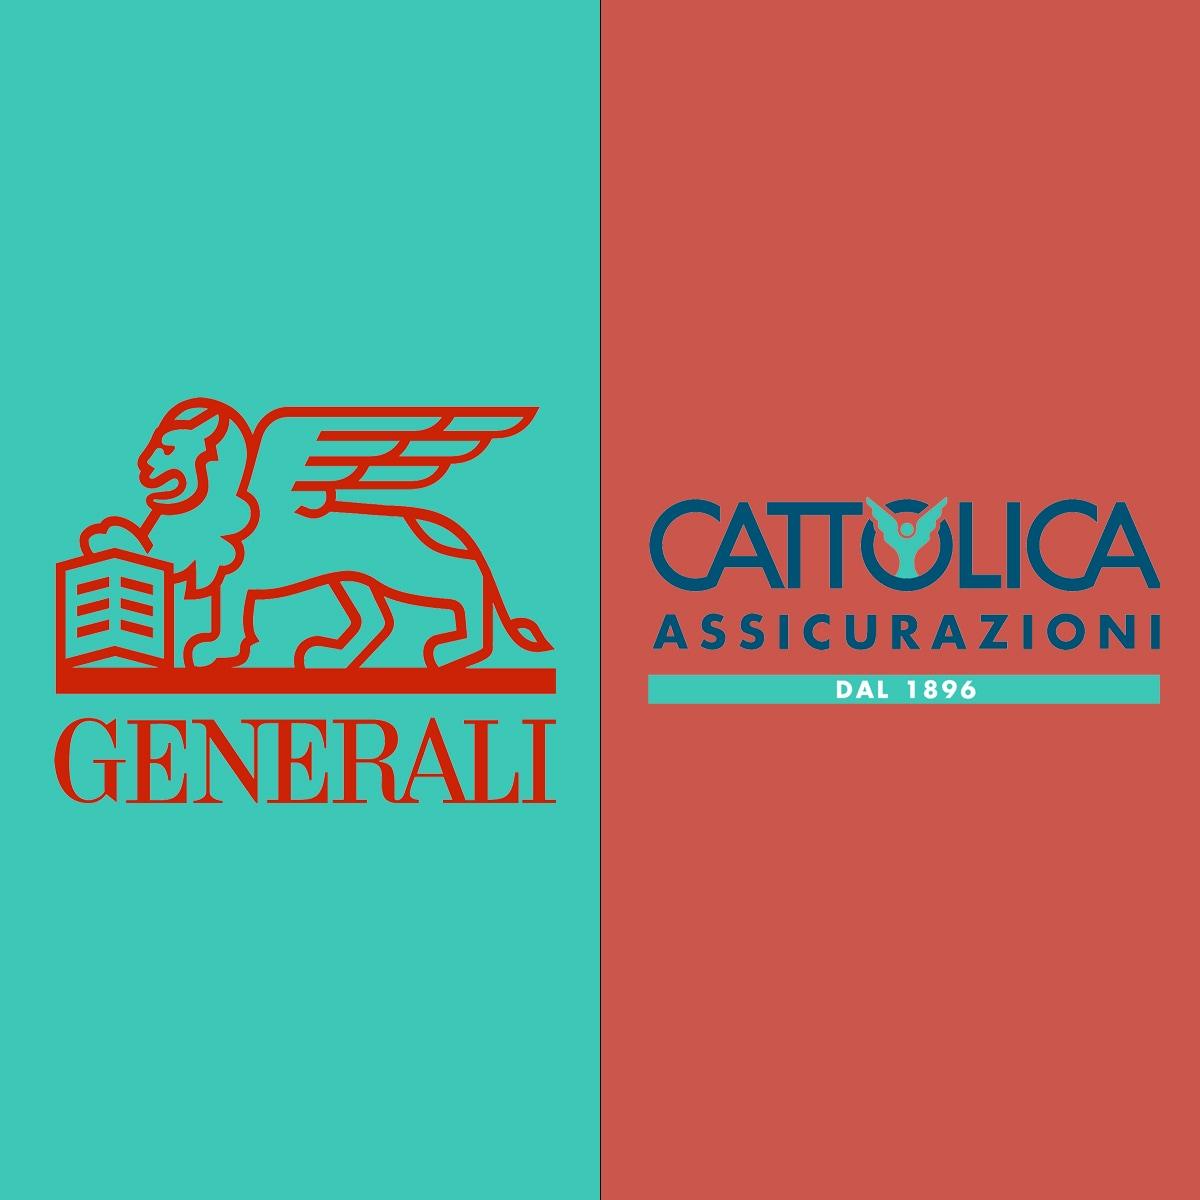 Cattolica Assicurazioni, l'OPA di Generali partirà il 4 ottobre 2021